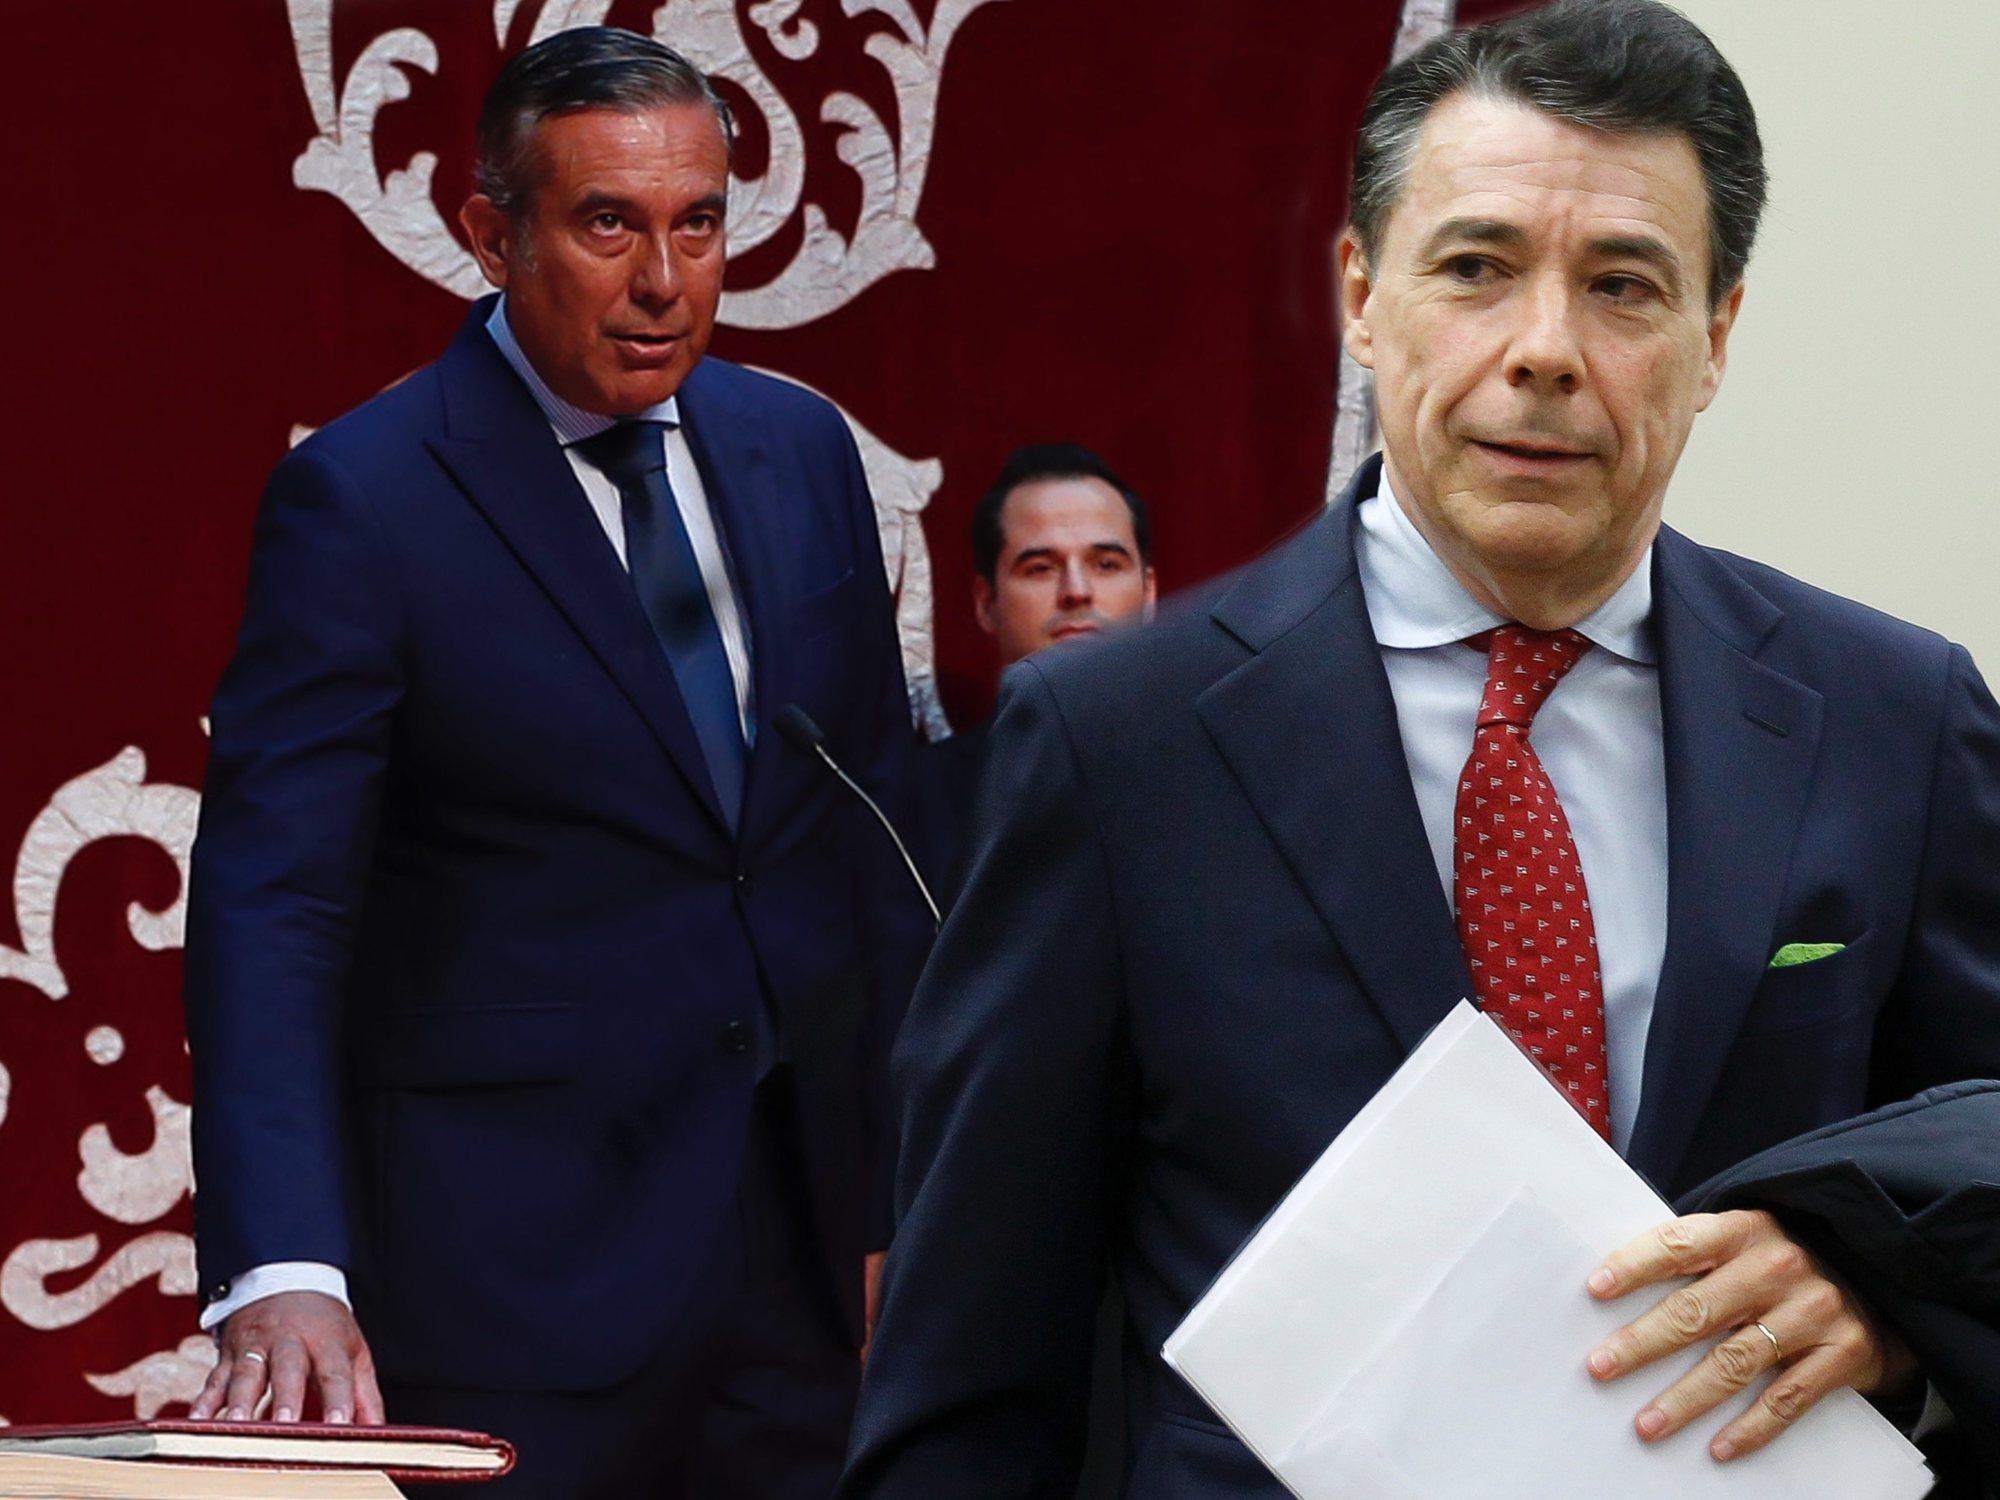 Ignacio González involucró al consejero de Justicia de Díaz Ayuso en sus chanchullos